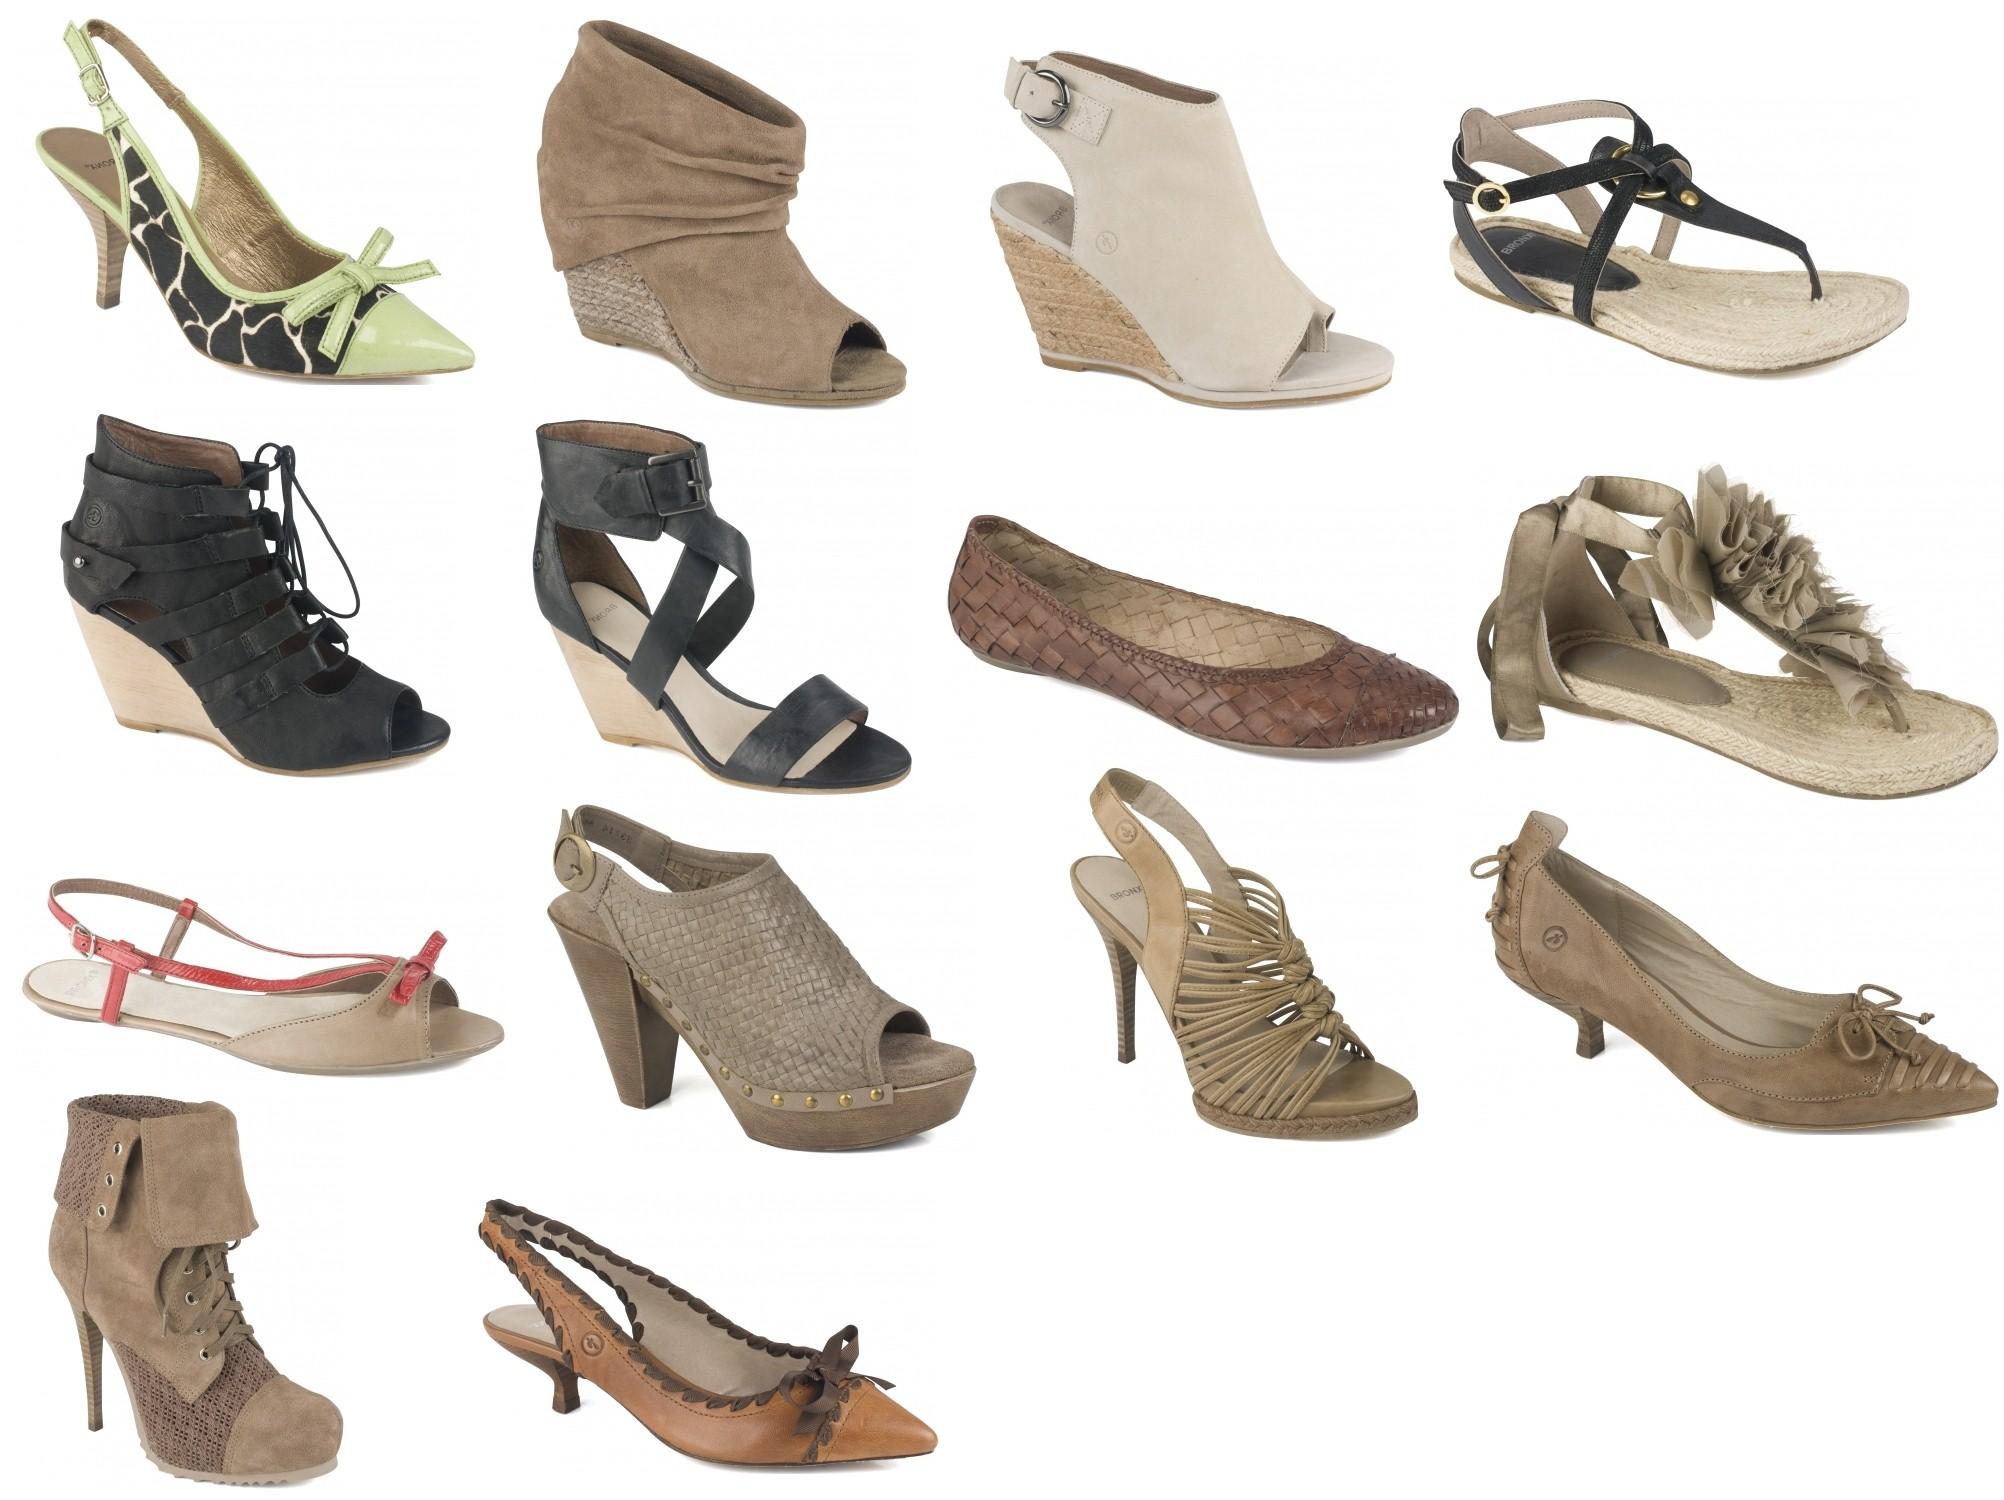 a5d0f39f72f9 Kompletná nová kolekcia dámskej obuvi spoločnosti Bronx jar leto 2011.